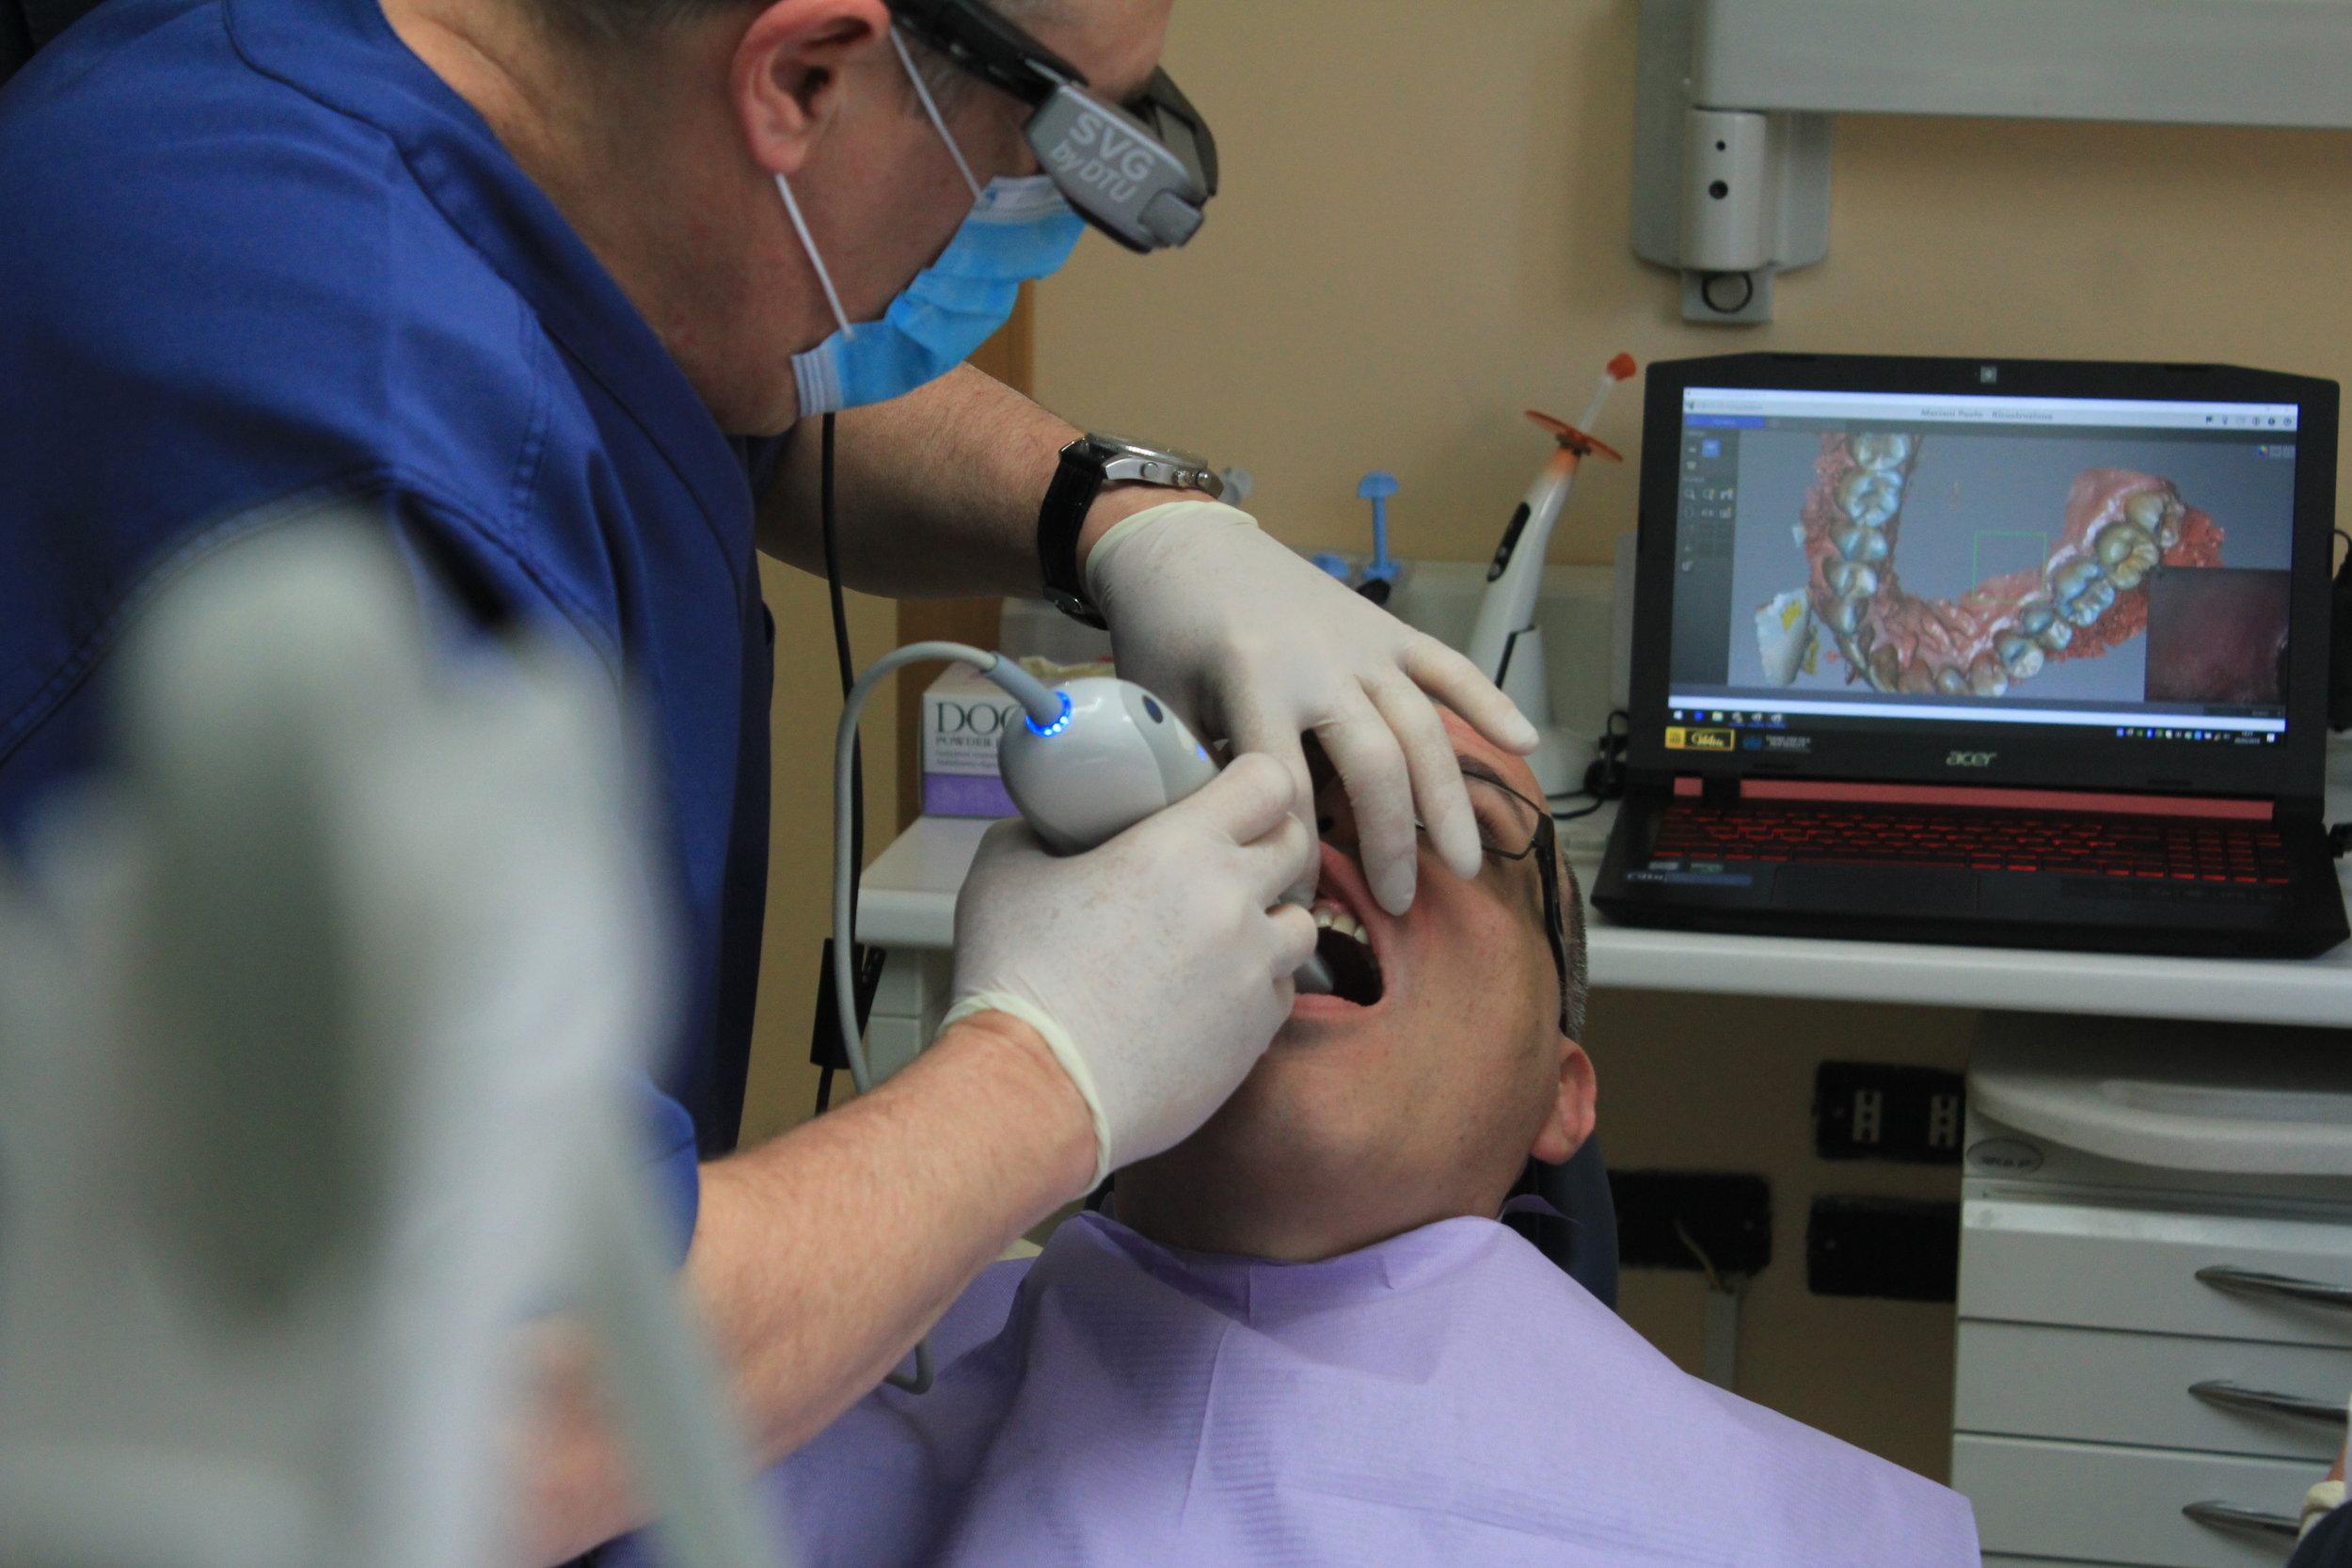 Fundraising for dental work